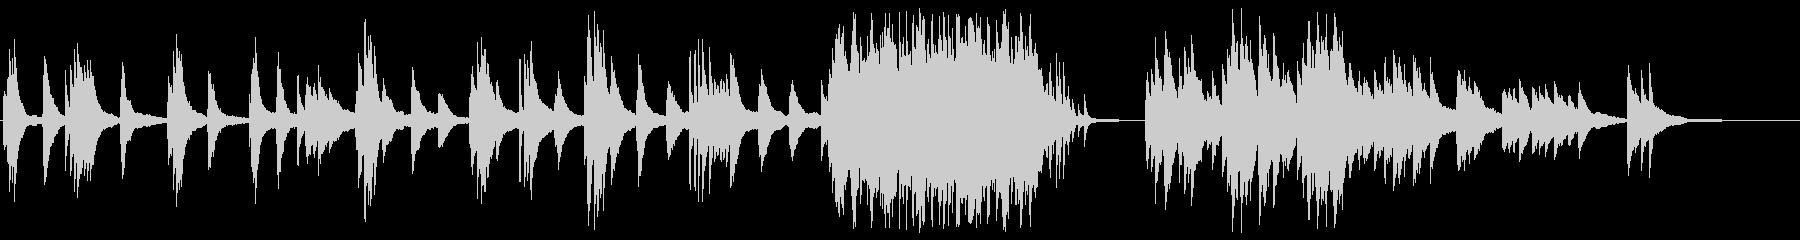 切なく燃え上がるピアノバラードの未再生の波形